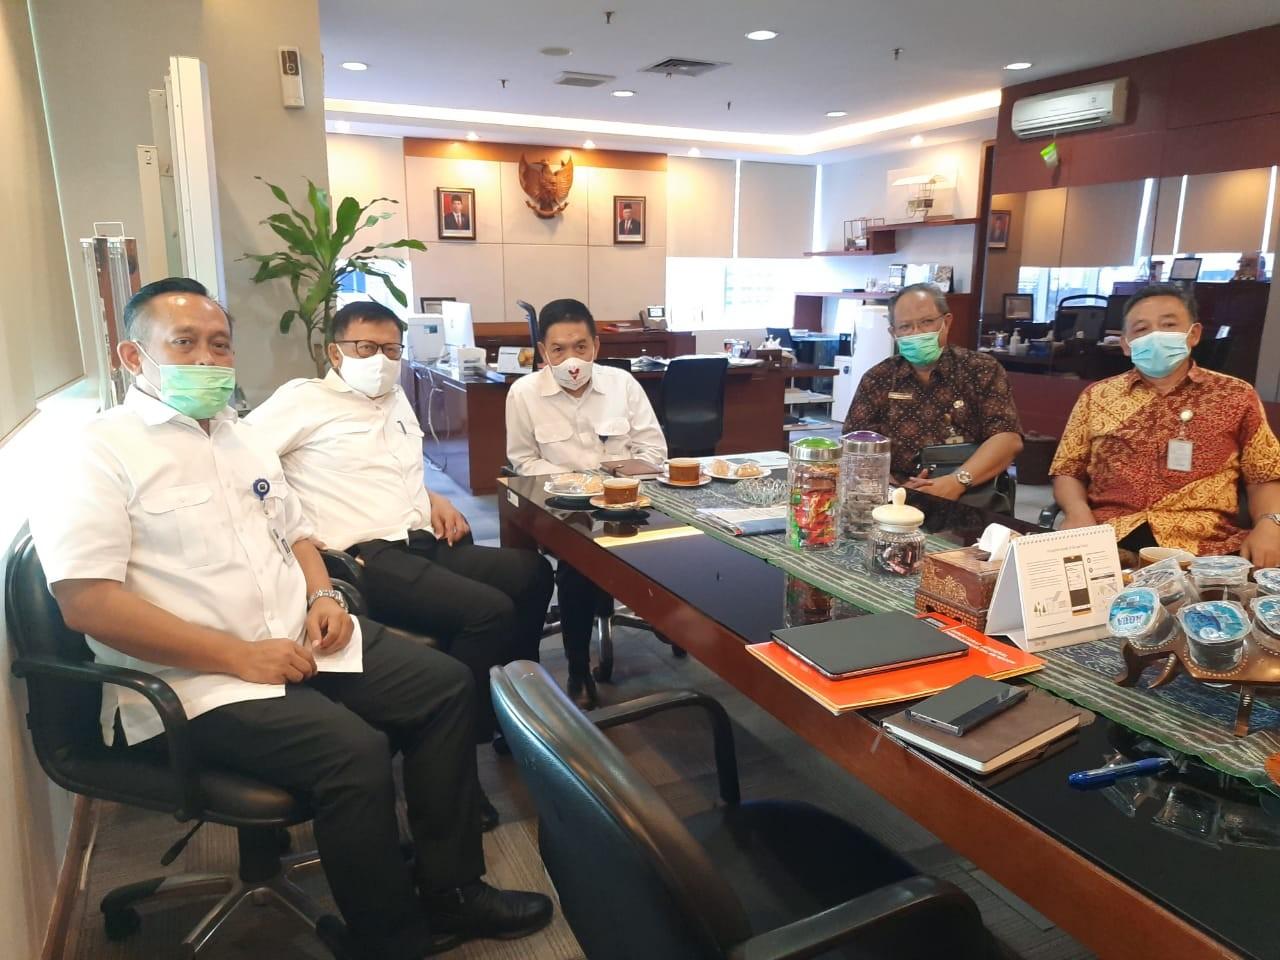 Konsultasi Kegiatan Pembangunan dan Pengelolaan Sarana Distribusi Perdagangan di Kementerian Perdagangan Jakarta